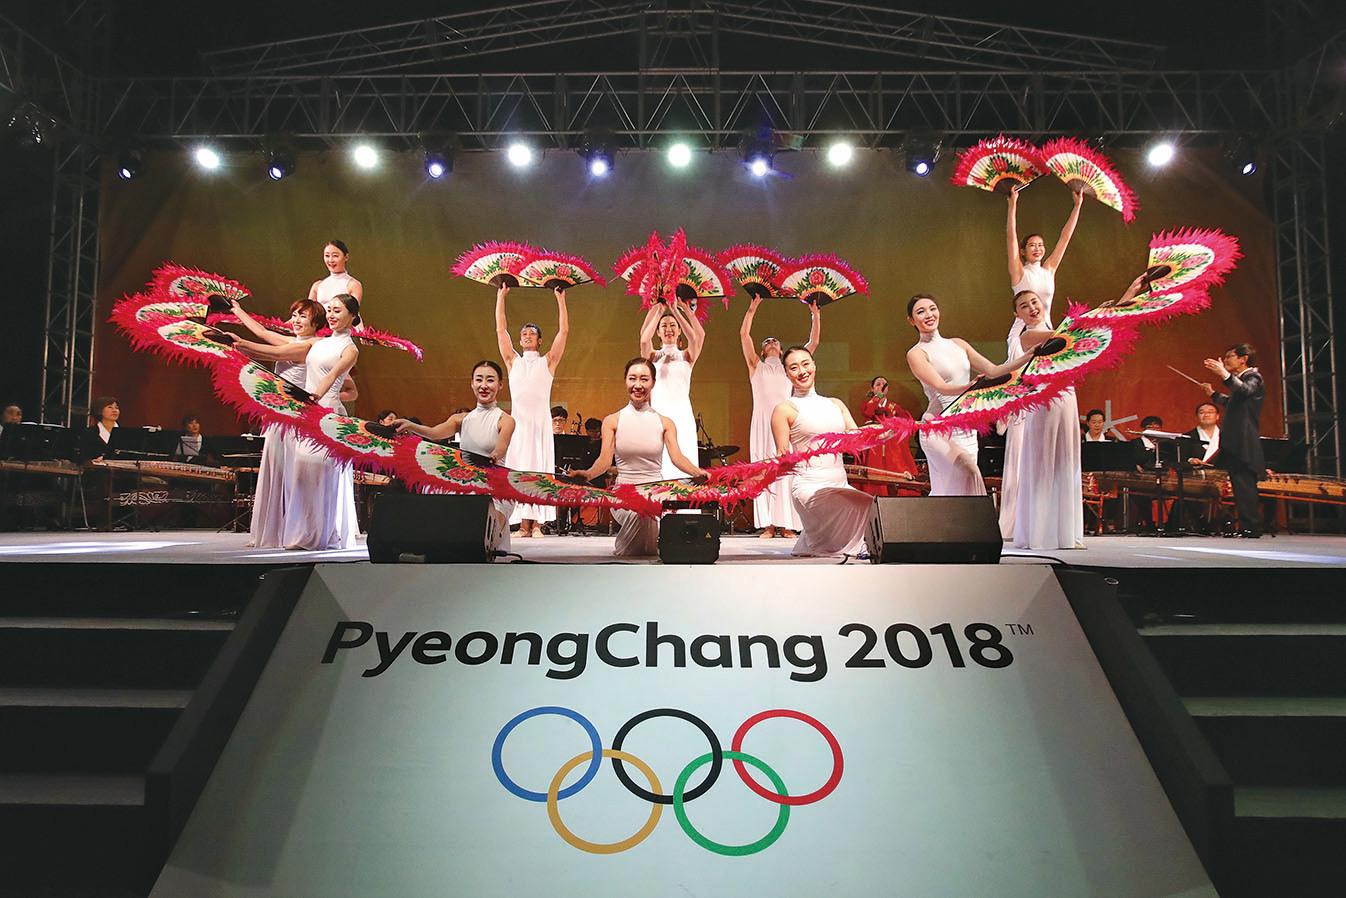 12月5日,國際奧委會宣佈,因2014年索契奧運會興奮劑醜聞,俄羅斯奧委會被禁止參加在南韓平昌舉辦的2018年冬季奧運會。(Getty Images)